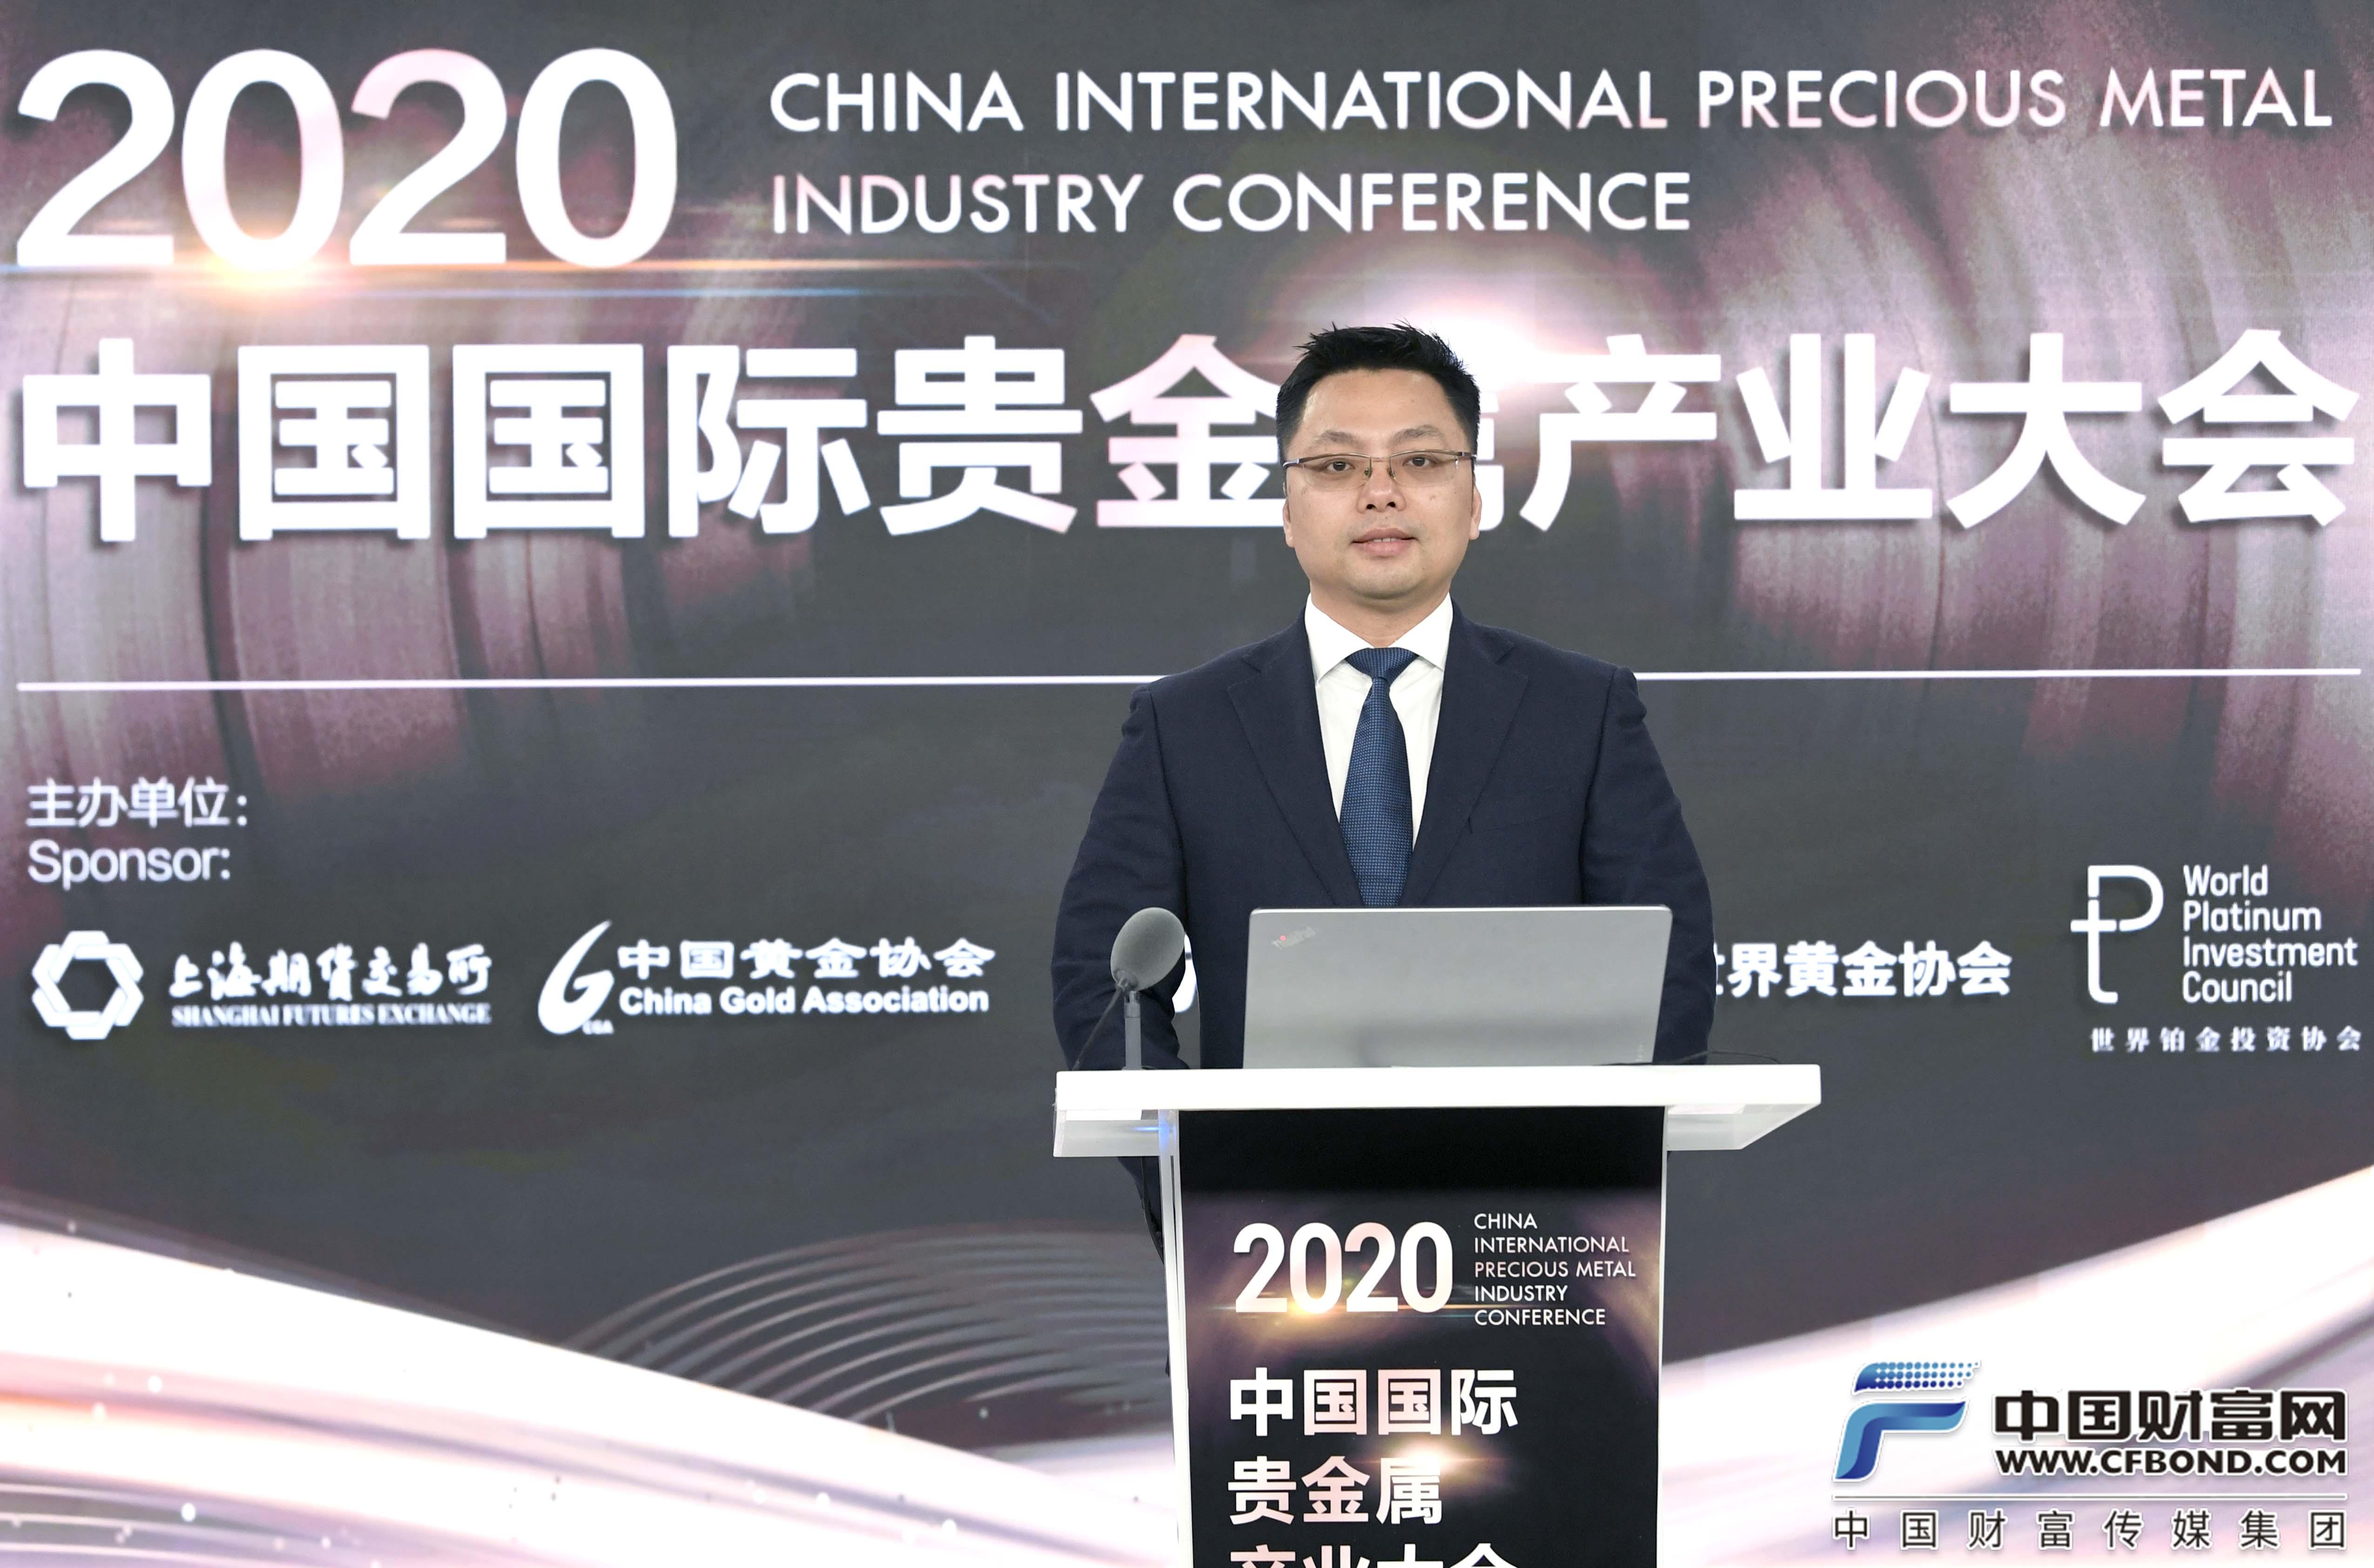 邓伟斌:中国未来发展氢能和燃料电池离不开铂金